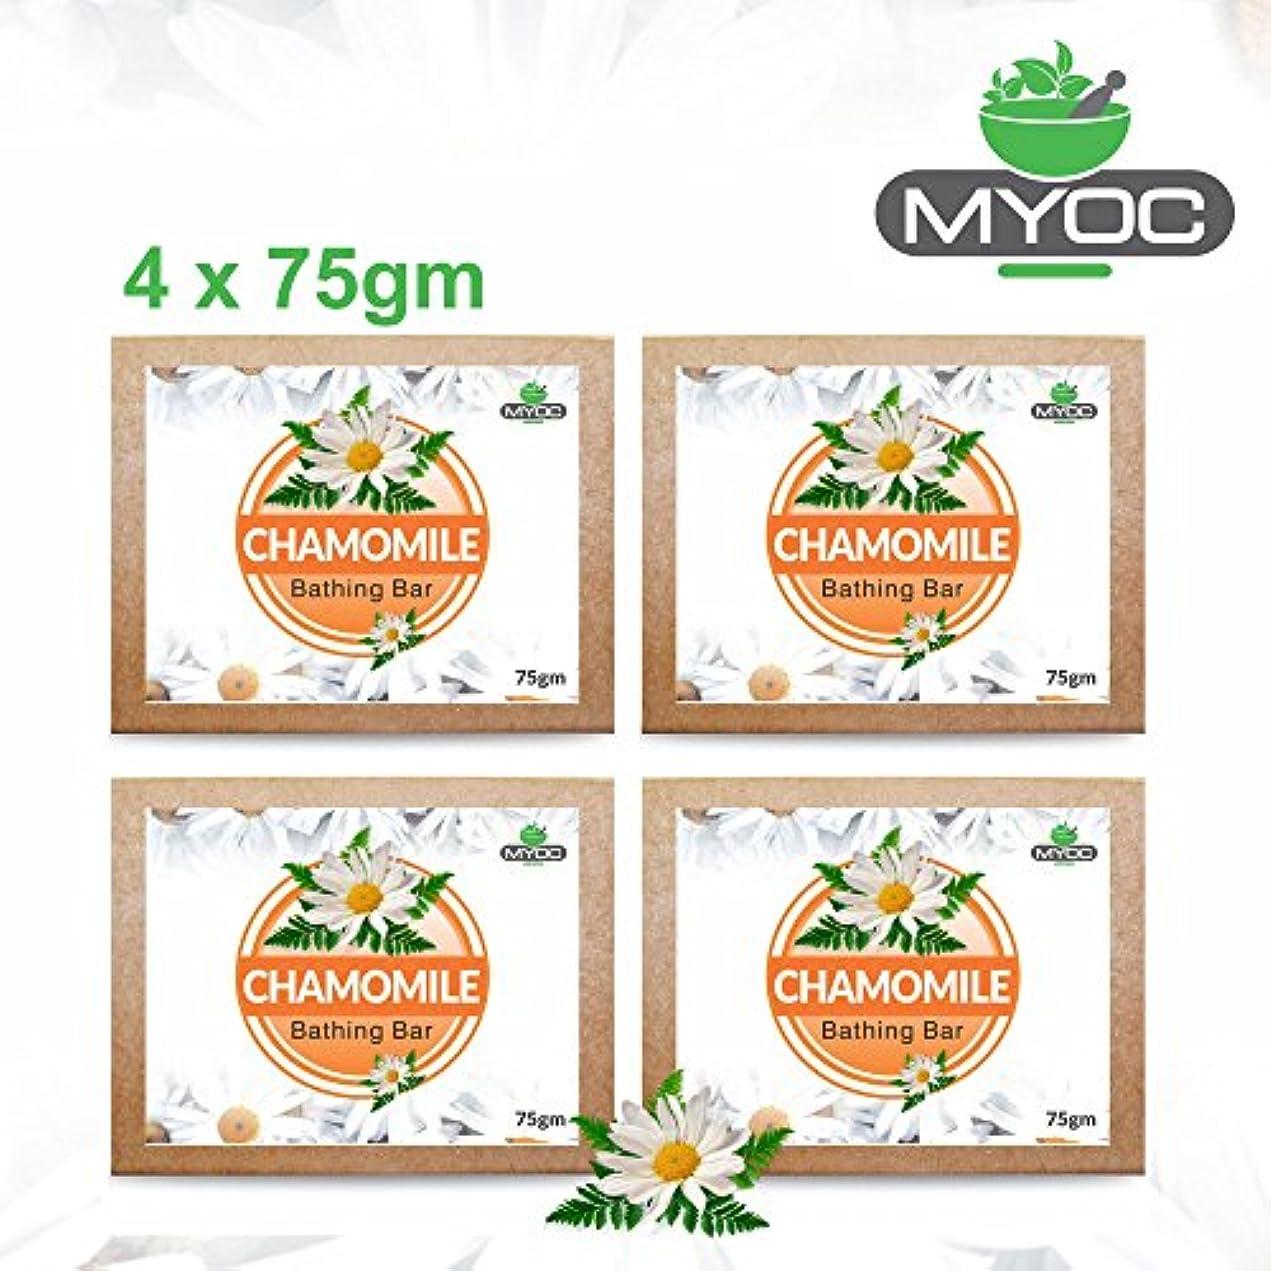 ホイスト性的水っぽいChamomile Extract, Vitamin E and Glycerine soap for sensitive skin, dry skin and eczema 75gm x 4 Pack